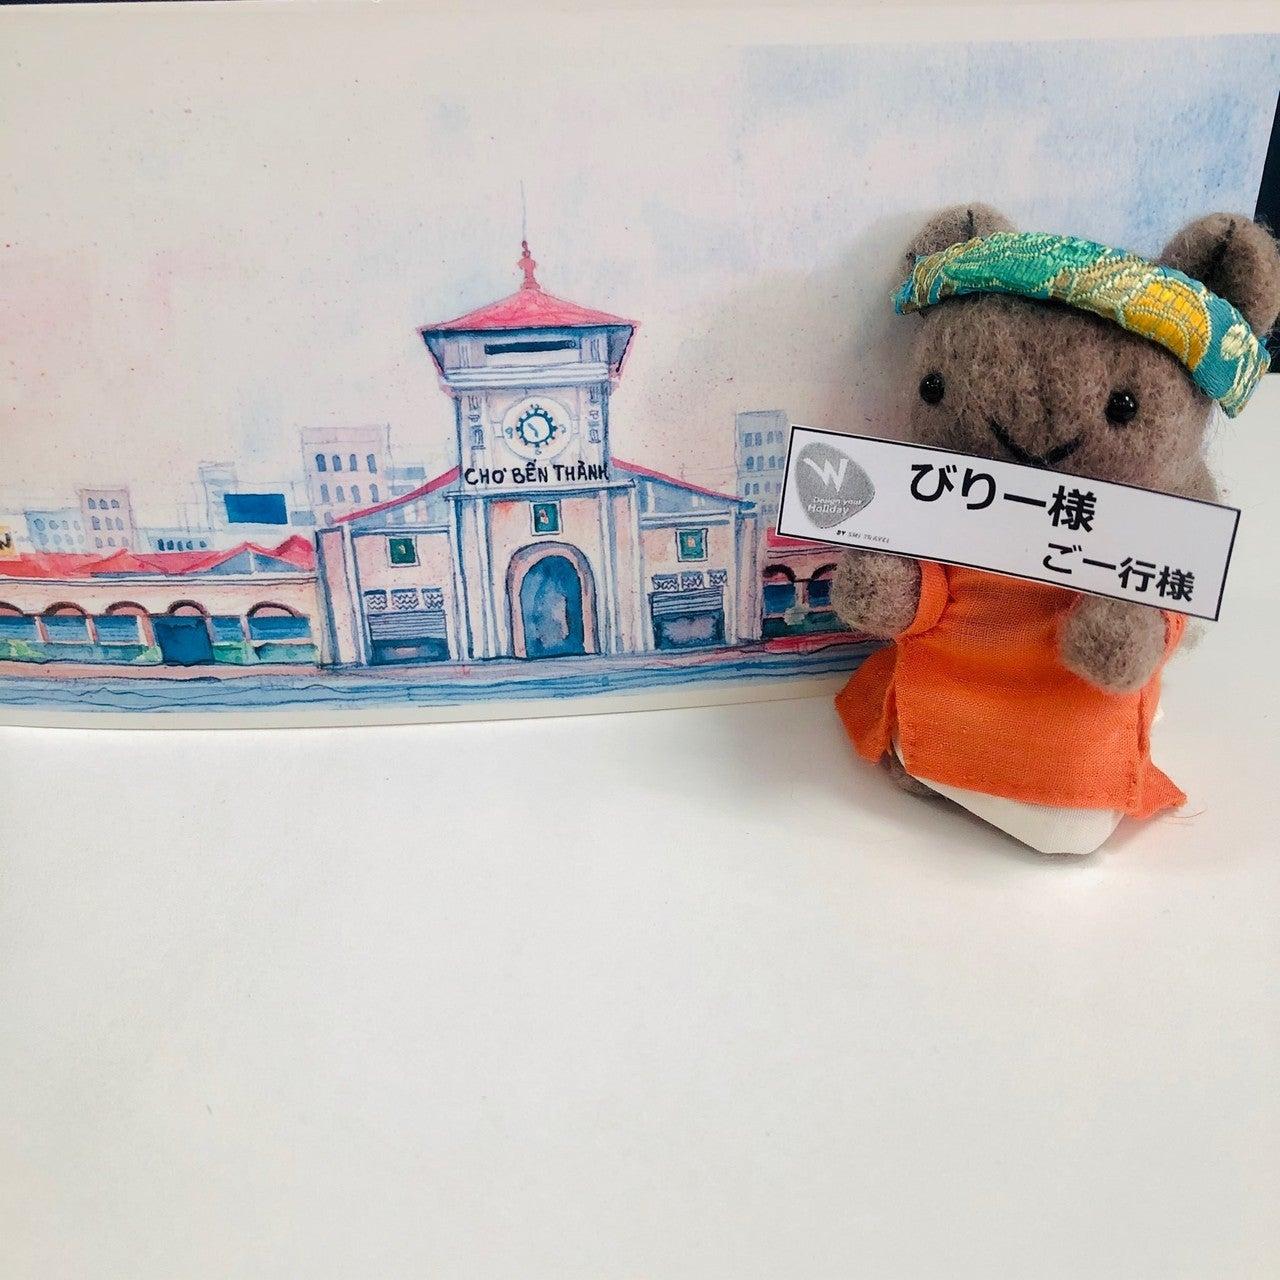 『#ぬいぐるみzoomツアー』 ~【夕日と夜景をみよう!】カンボジア&ベトナム2か国周遊編れ~